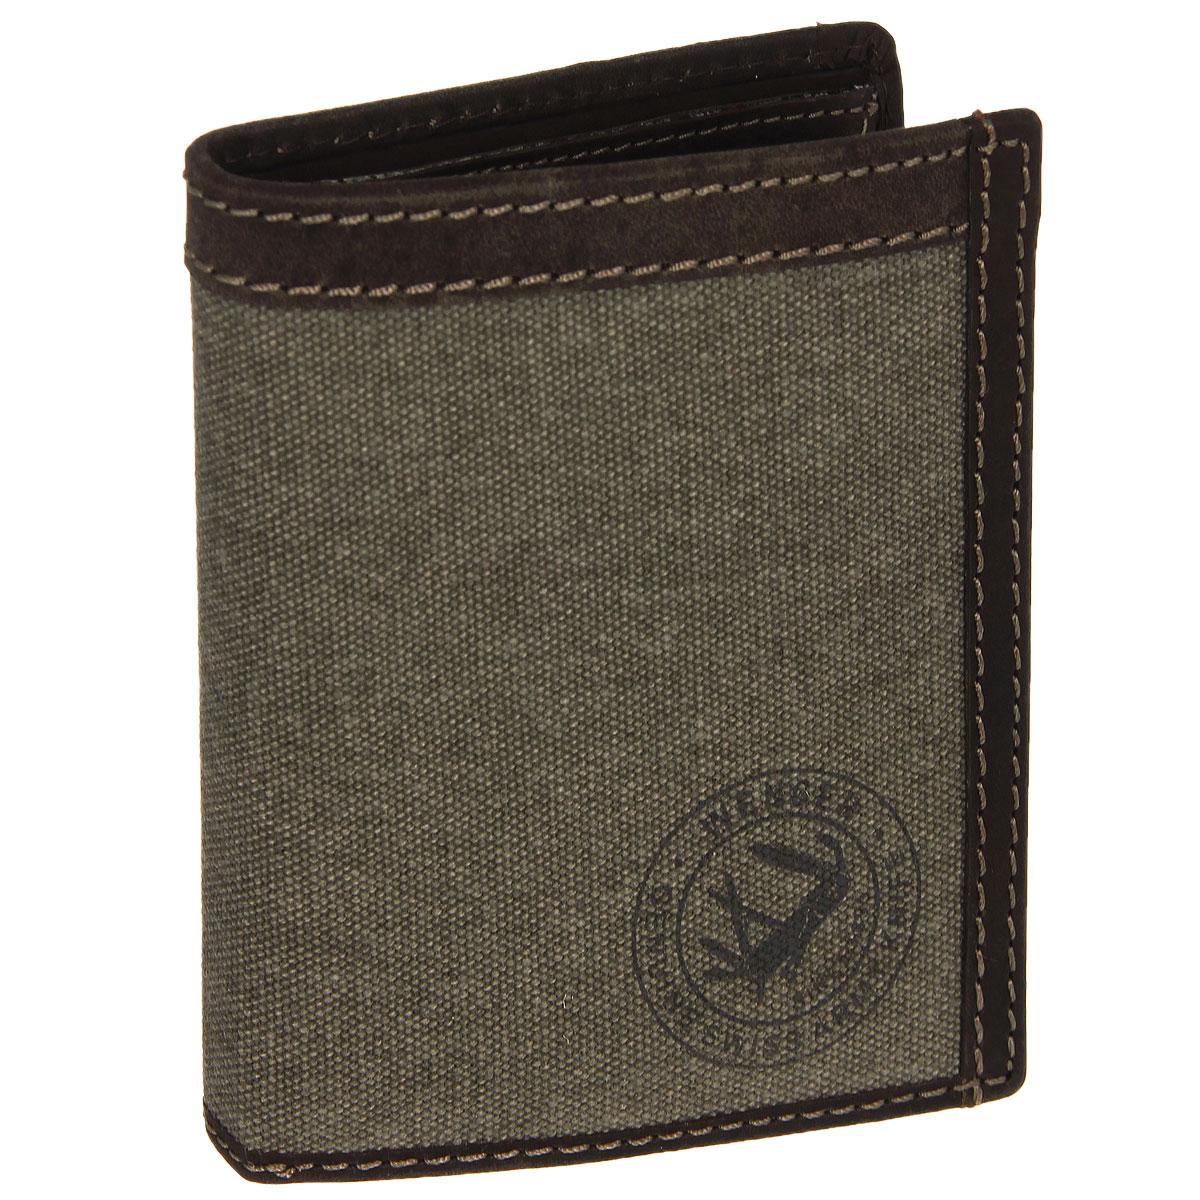 Портмоне мужское Wenger, цвет: коричневый. W19-04W19-04BROWNТрендовое мужское портмоне Wenger изготовлено из натуральной кожи и текстиля и оформлено светлой прострочкой, а также логотипом бренда на лицевой стороне. Внутри - два отделения для купюр, отсек для мелочи на застежке-кнопке, три боковых кармана и пять прорезей для визиток и кредитных карт. Откидной блок дополнен шестью прорезями и карманом с окошком из прозрачного пластика. Внутренняя поверхность отделана твилом с узором гусиная лапка. Портмоне упаковано в фирменную коробку. Модное портмоне Wenger займет достойное место среди вашей коллекции аксессуаров. По всем вопросам гарантийного и постгарантийного обслуживания рюкзаков, чемоданов, спортивных и кожаных сумок, а также портмоне марок Wenger и SwissGear вы можете обратиться в сервис-центр, расположенный по адресу: г. Москва, Саввинская набережная, д.3. Тел: (495) 788-39-96, (499) 248-56-56, ежедневно с 9:00 до 21:00. Подробные условия гарантийного обслуживания приведены в гарантийном талоне,...